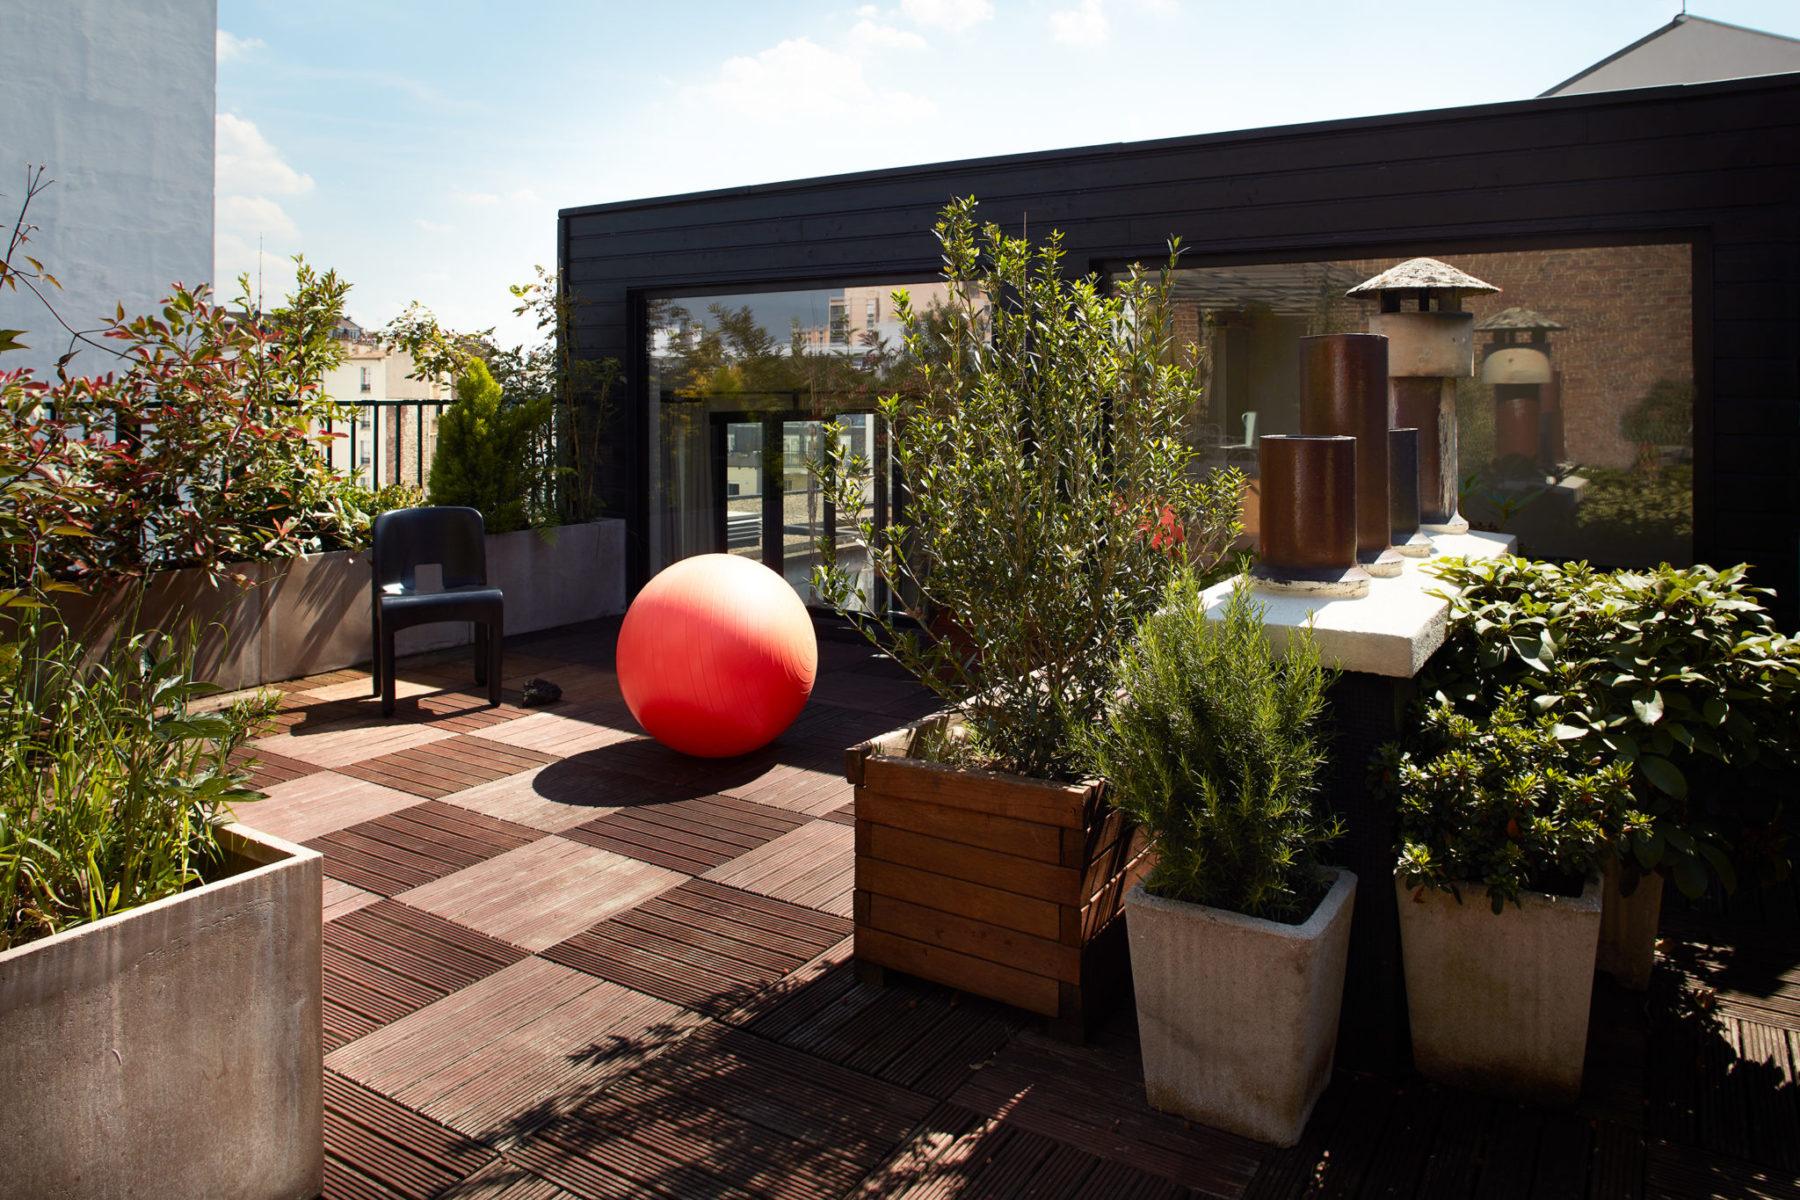 Extension en bois appartement Paris, baie vitrée, rooftop, dalle caillebotis sur plot